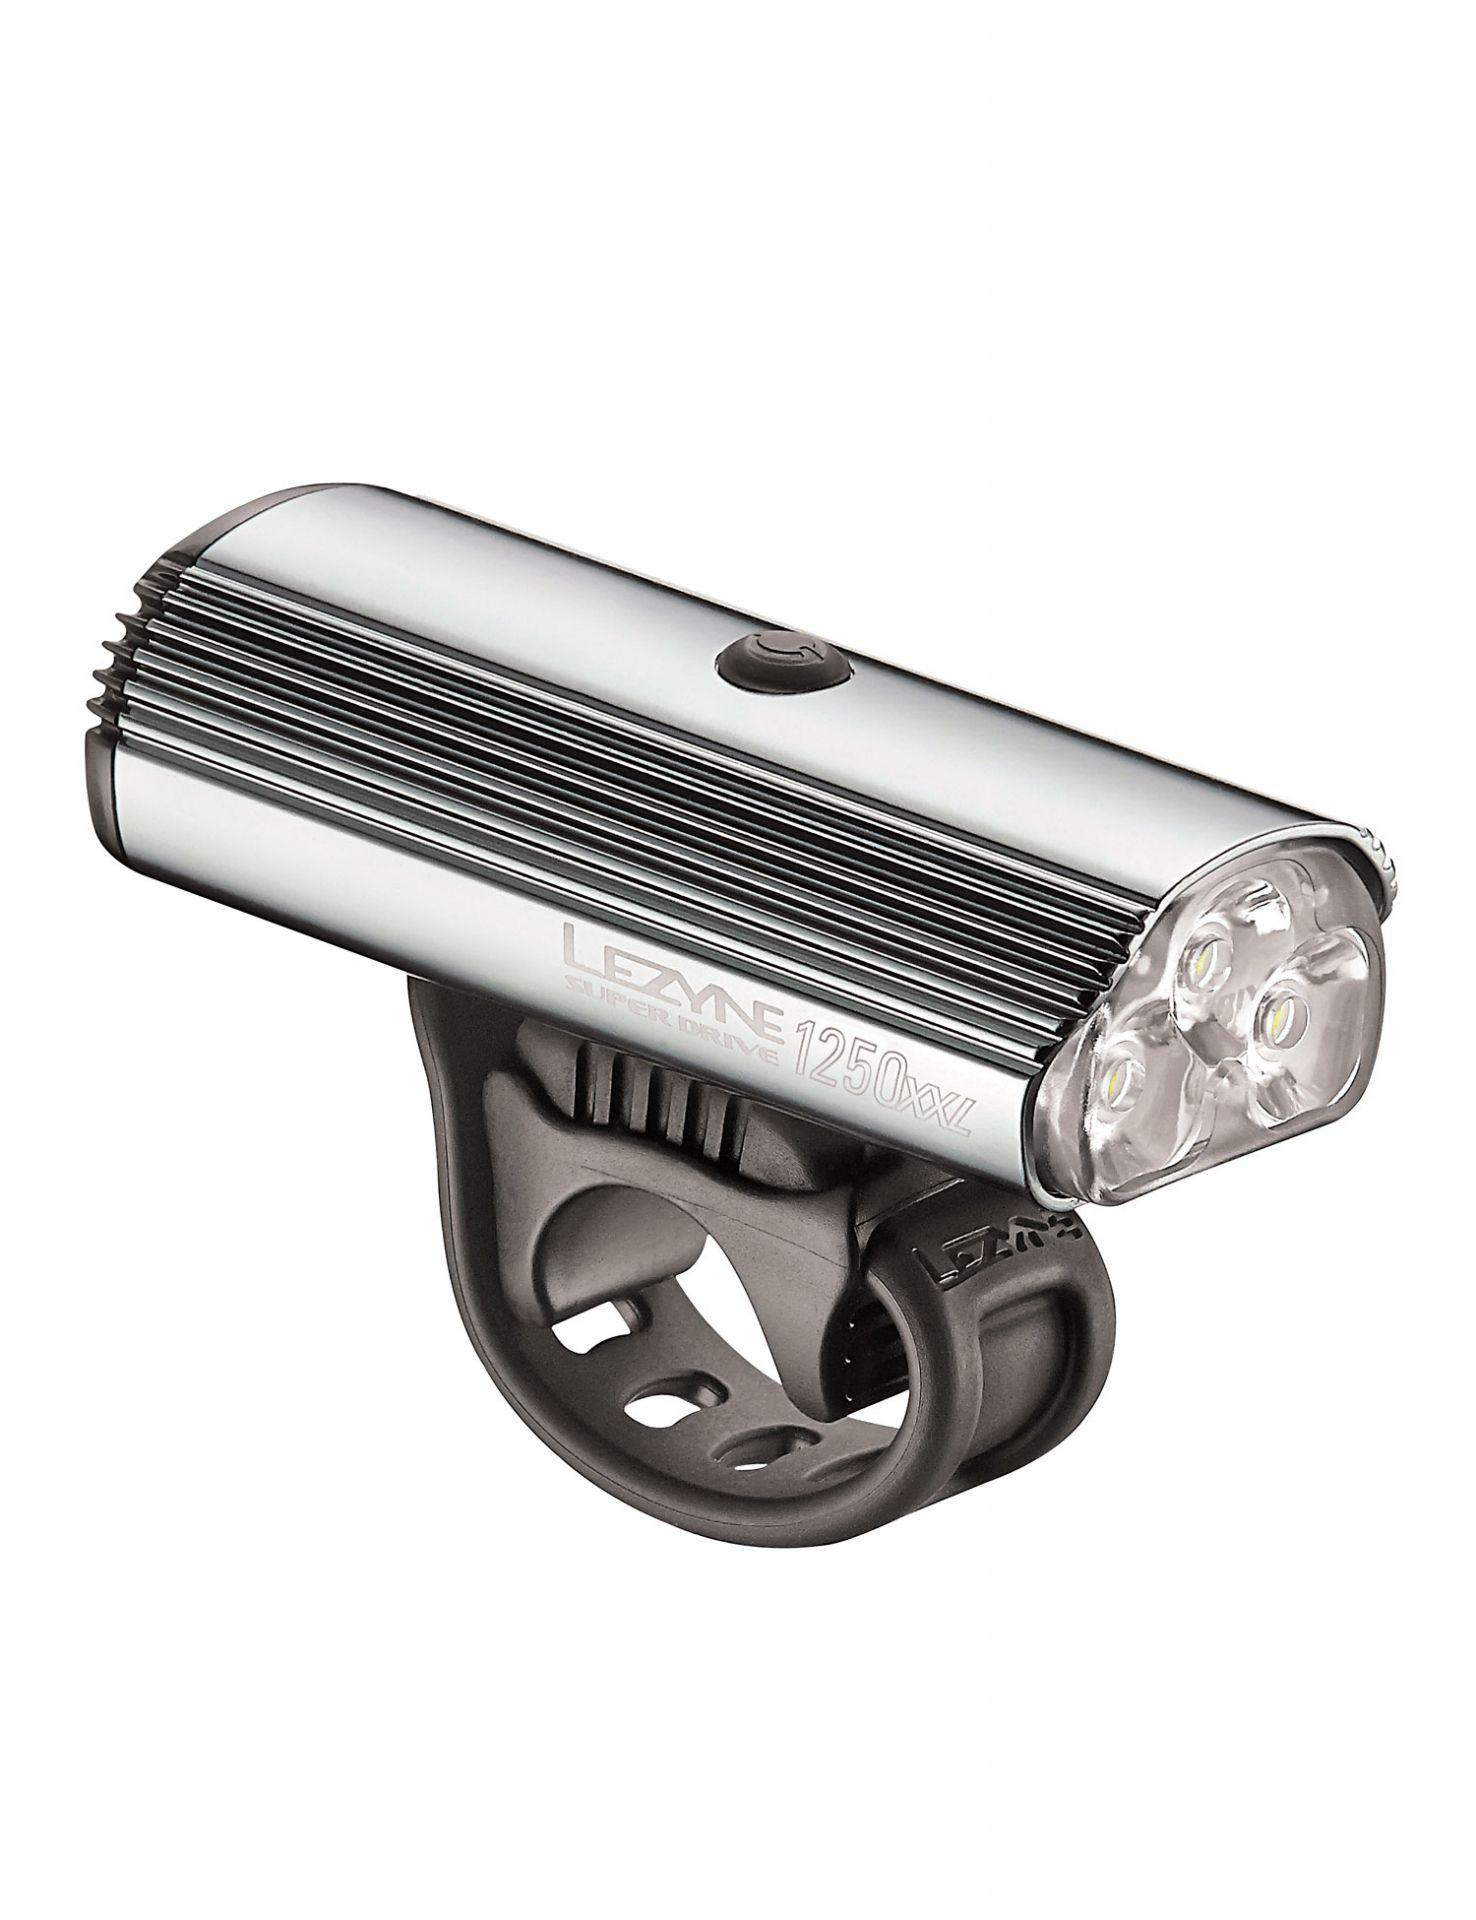 Éclairage avant Lezyne Super Drive 1250XXL Argent